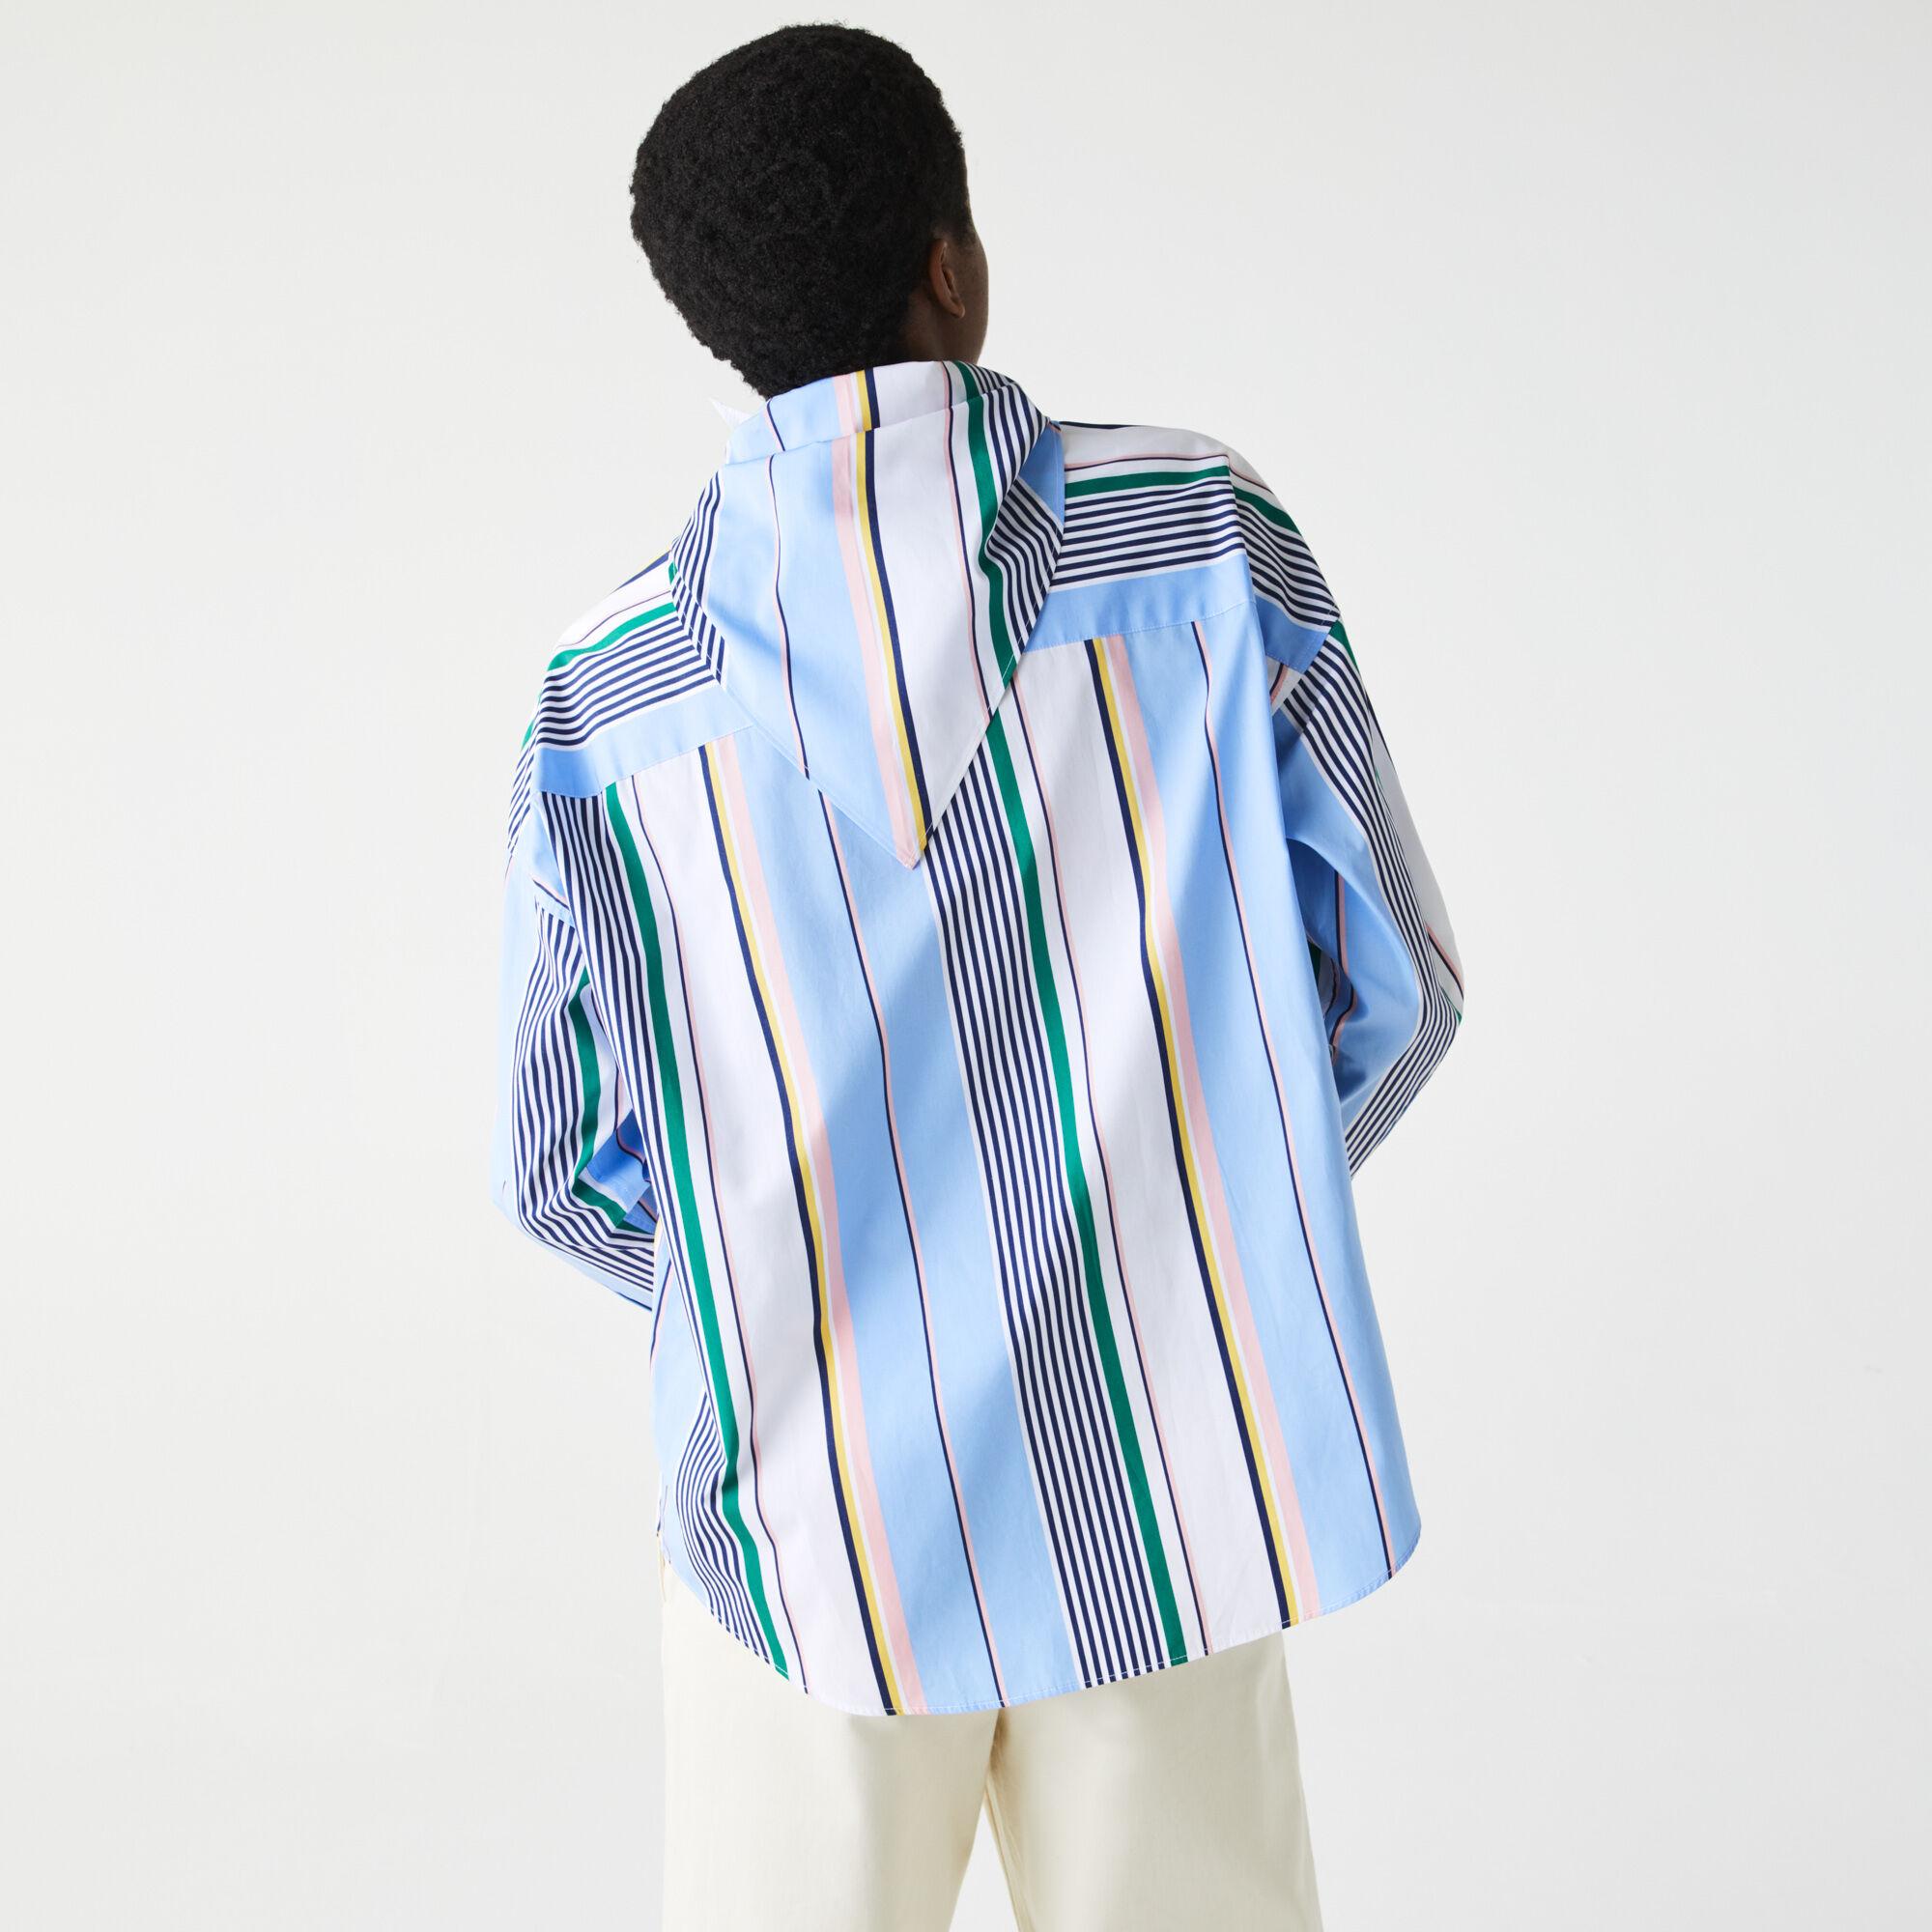 قميص قطني مقلم للنساء قصة كلاسيكية مع ياقة وشاح مجموعة Lacoste LIVE